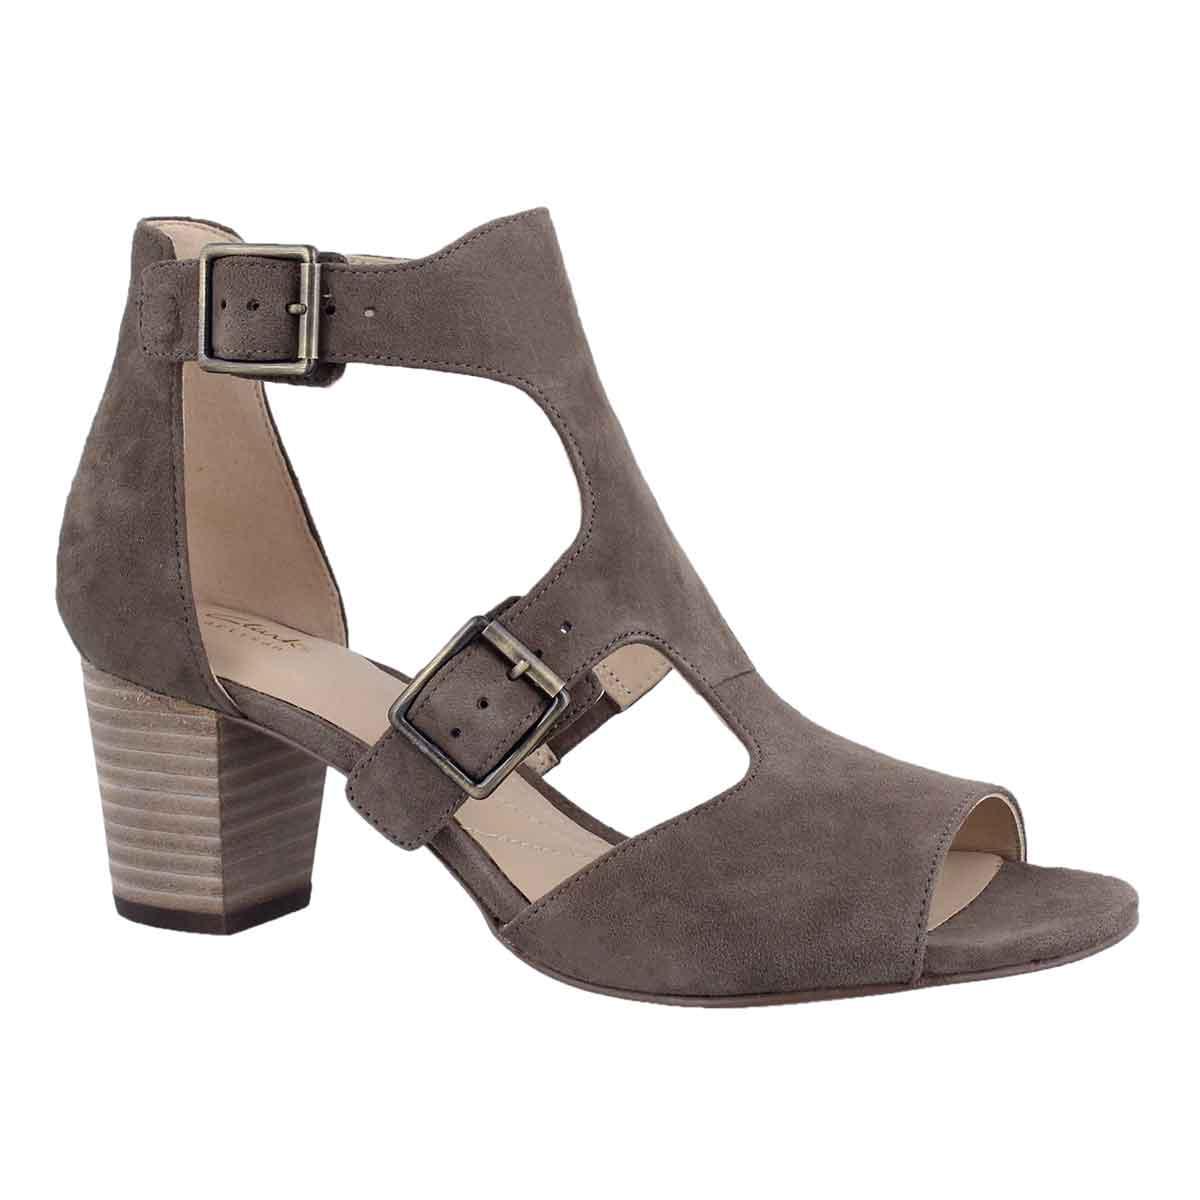 Women's DELORIA KAY olive dress sandal